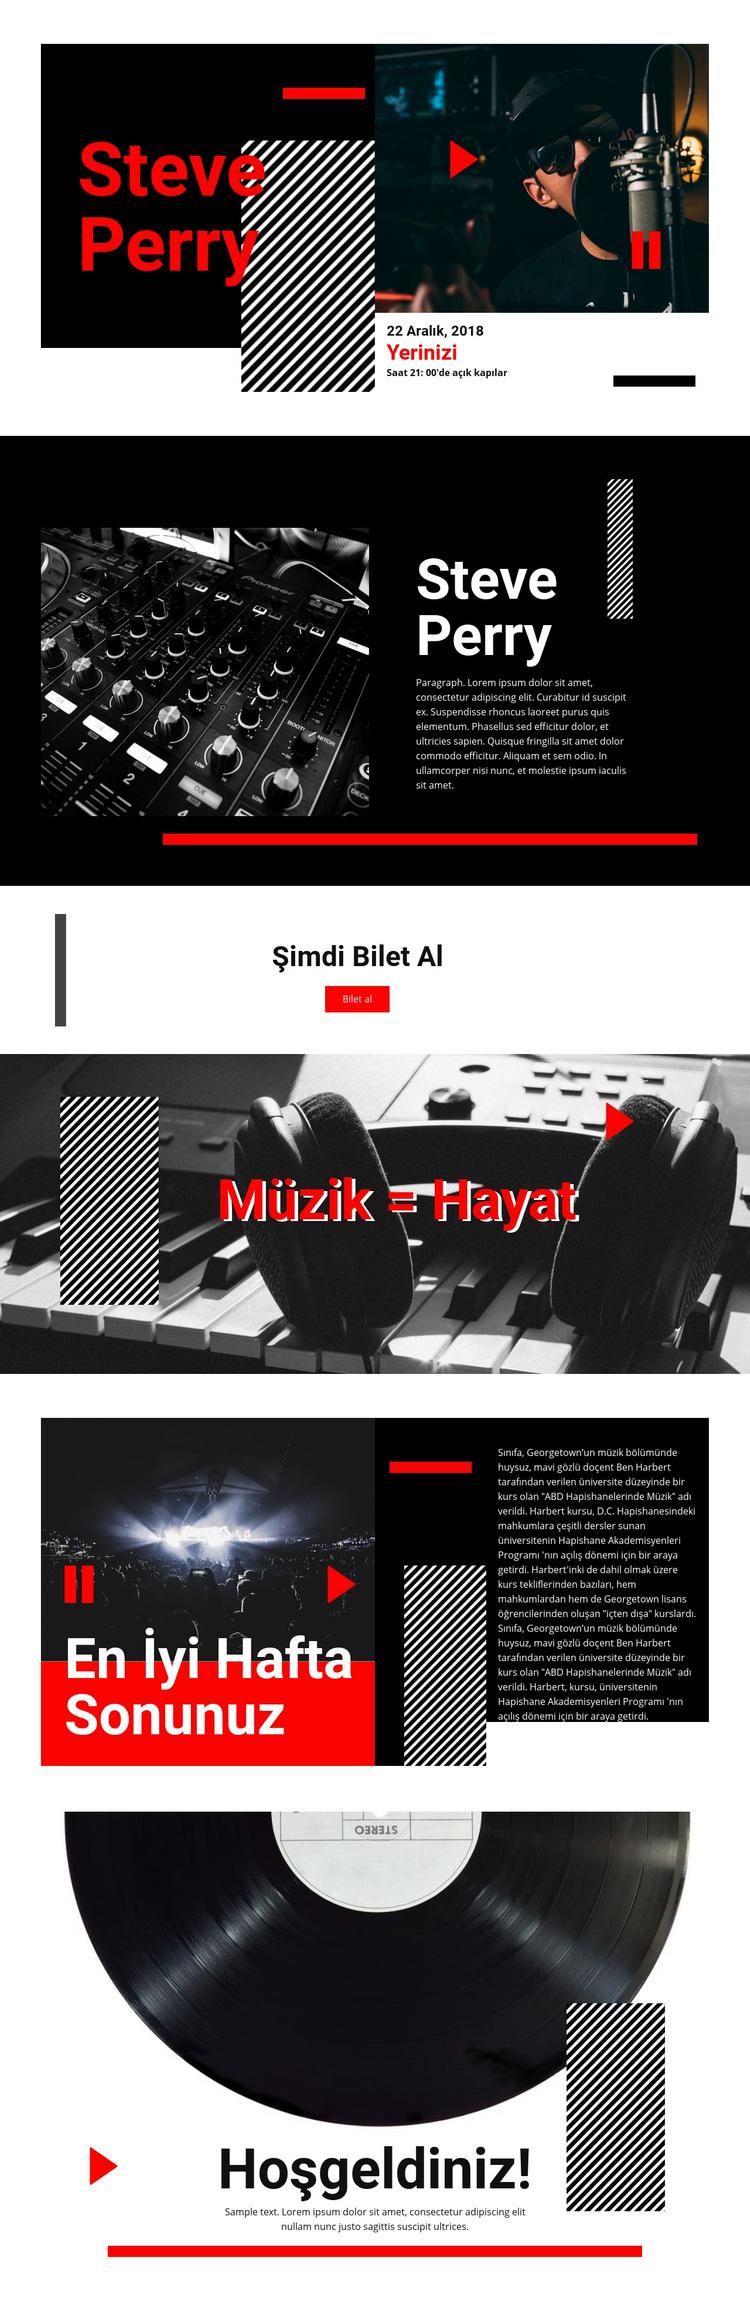 En kaliteli müzik WordPress Teması